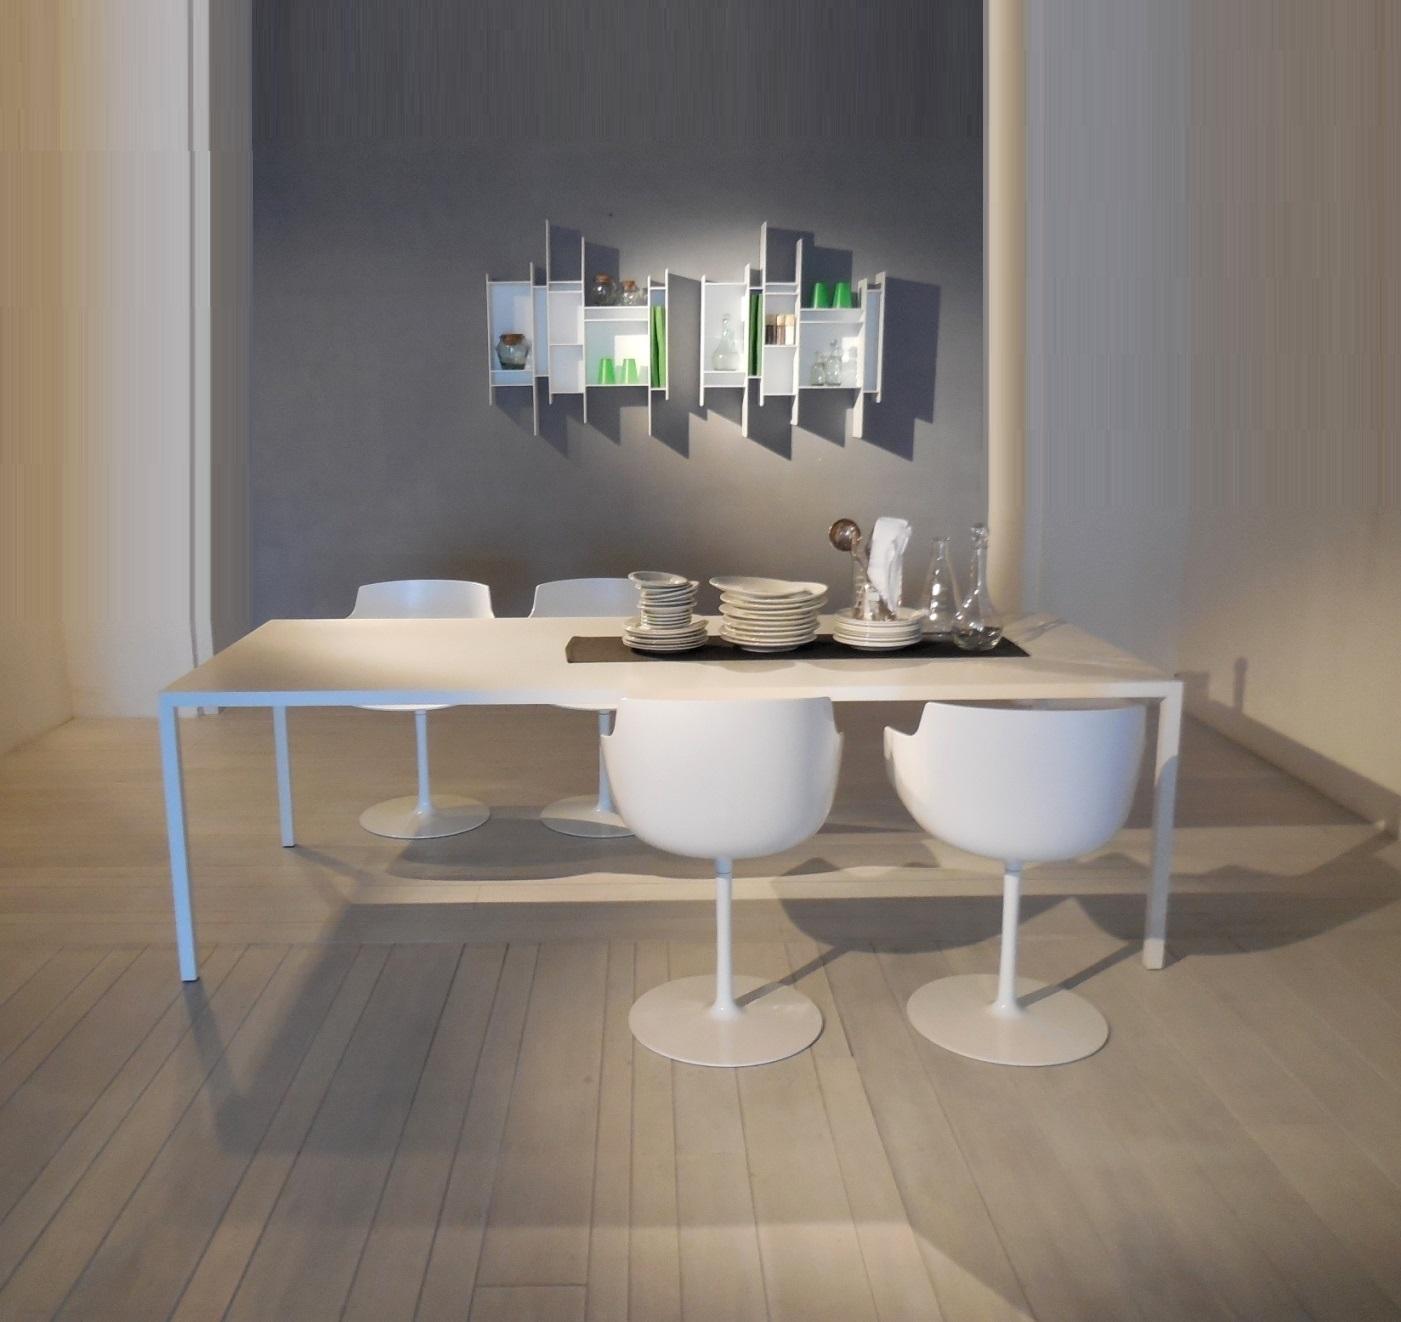 tavolo mdf tavolo rettangolare tense promozione mdf italia tavoli a prezzi scontati. Black Bedroom Furniture Sets. Home Design Ideas